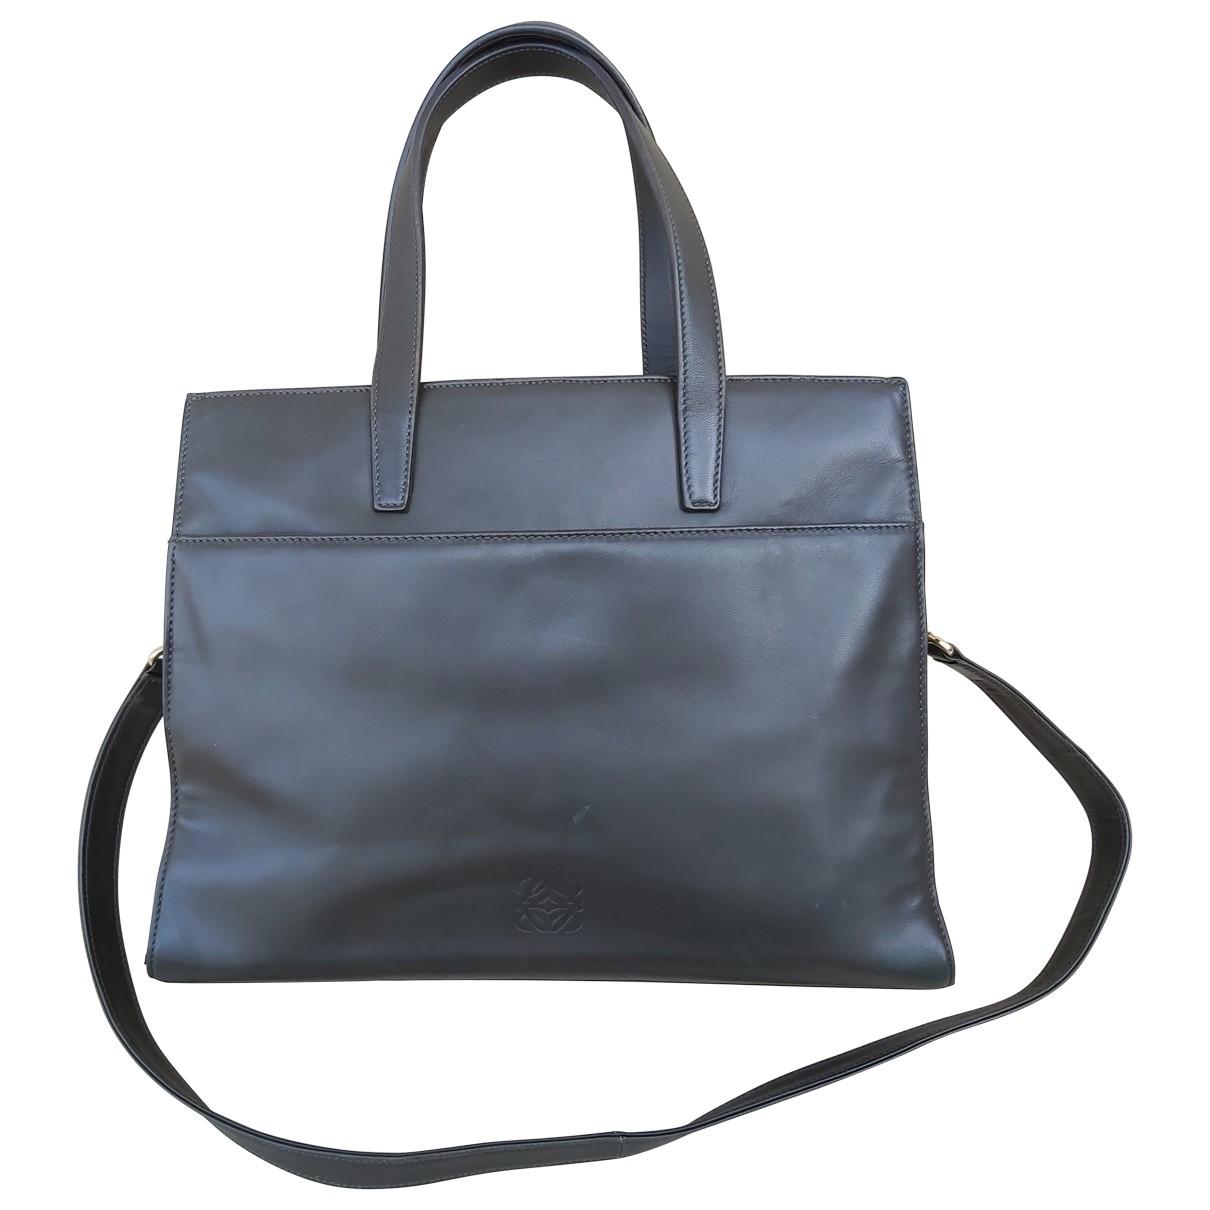 Loewe \N Handtasche in  Gruen Leder